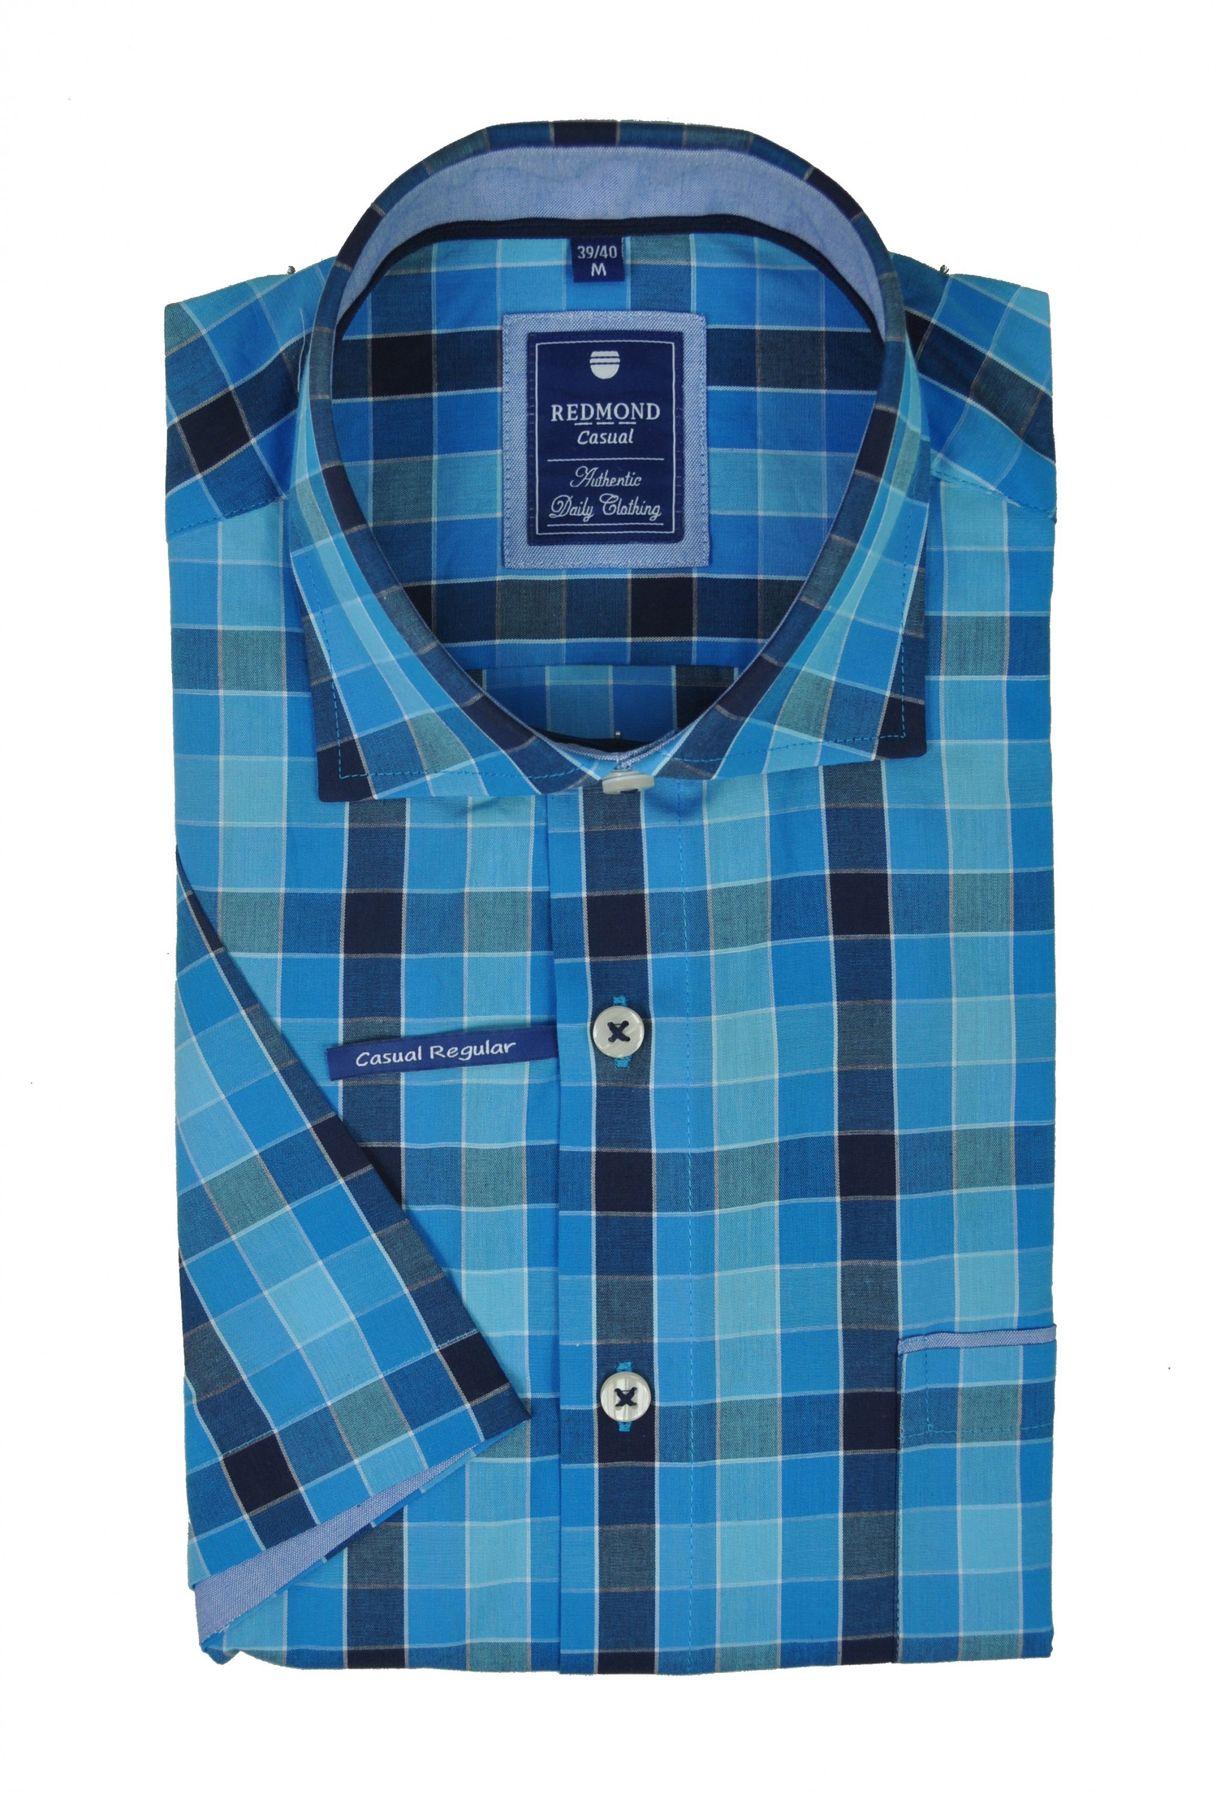 Redmond - Regular Fit - Herren Kurzarm Hemd mit Haifisch Kragen (71130999/-993) – Bild 5